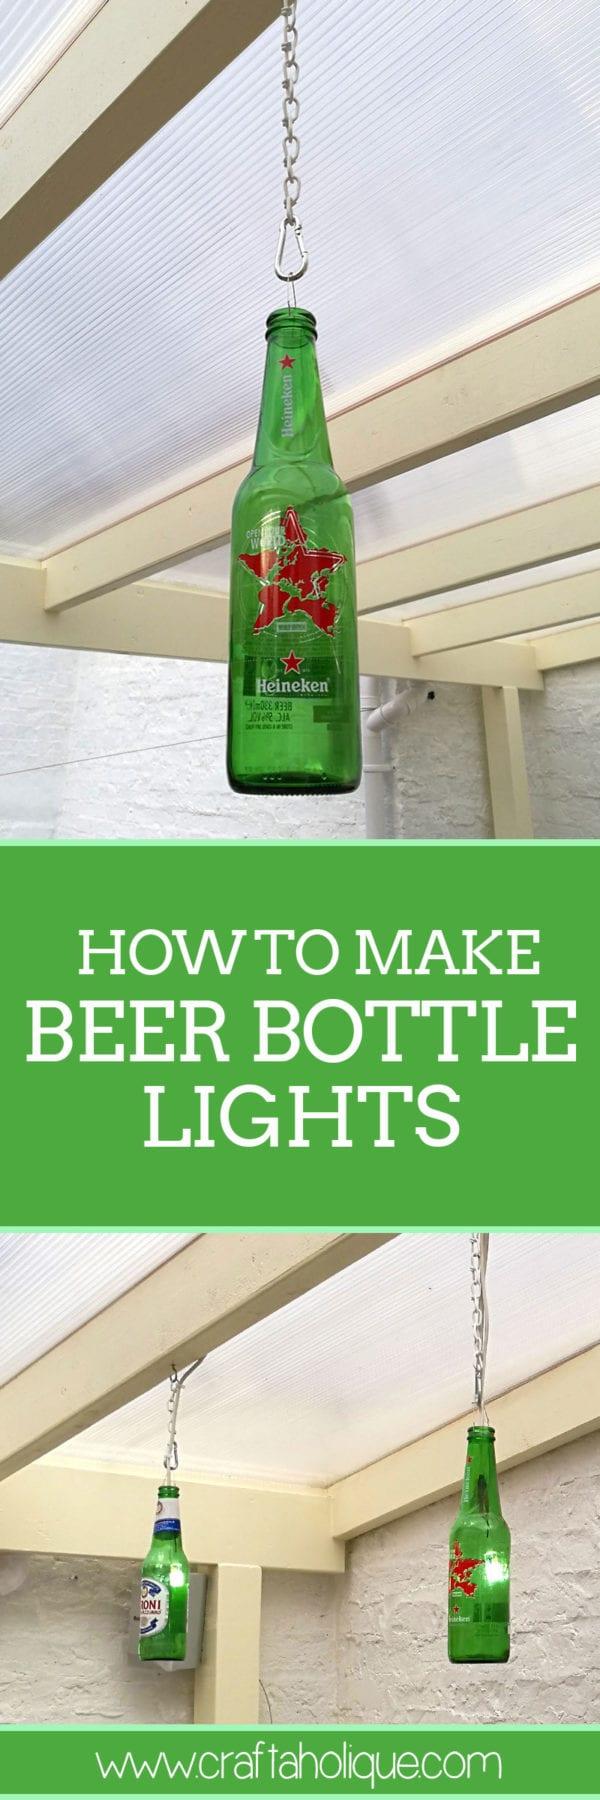 How to make beer bottle lights by Craftaholique